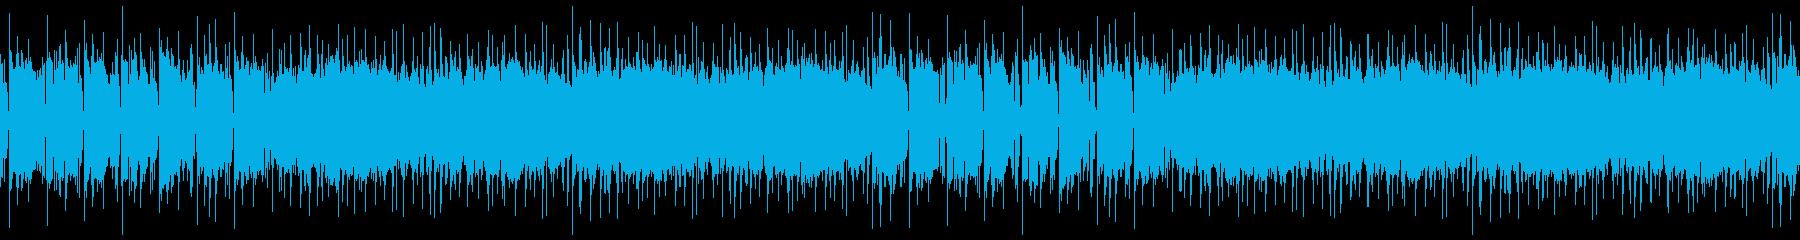 シンセが目立つ都会的BGM※ループ仕様の再生済みの波形